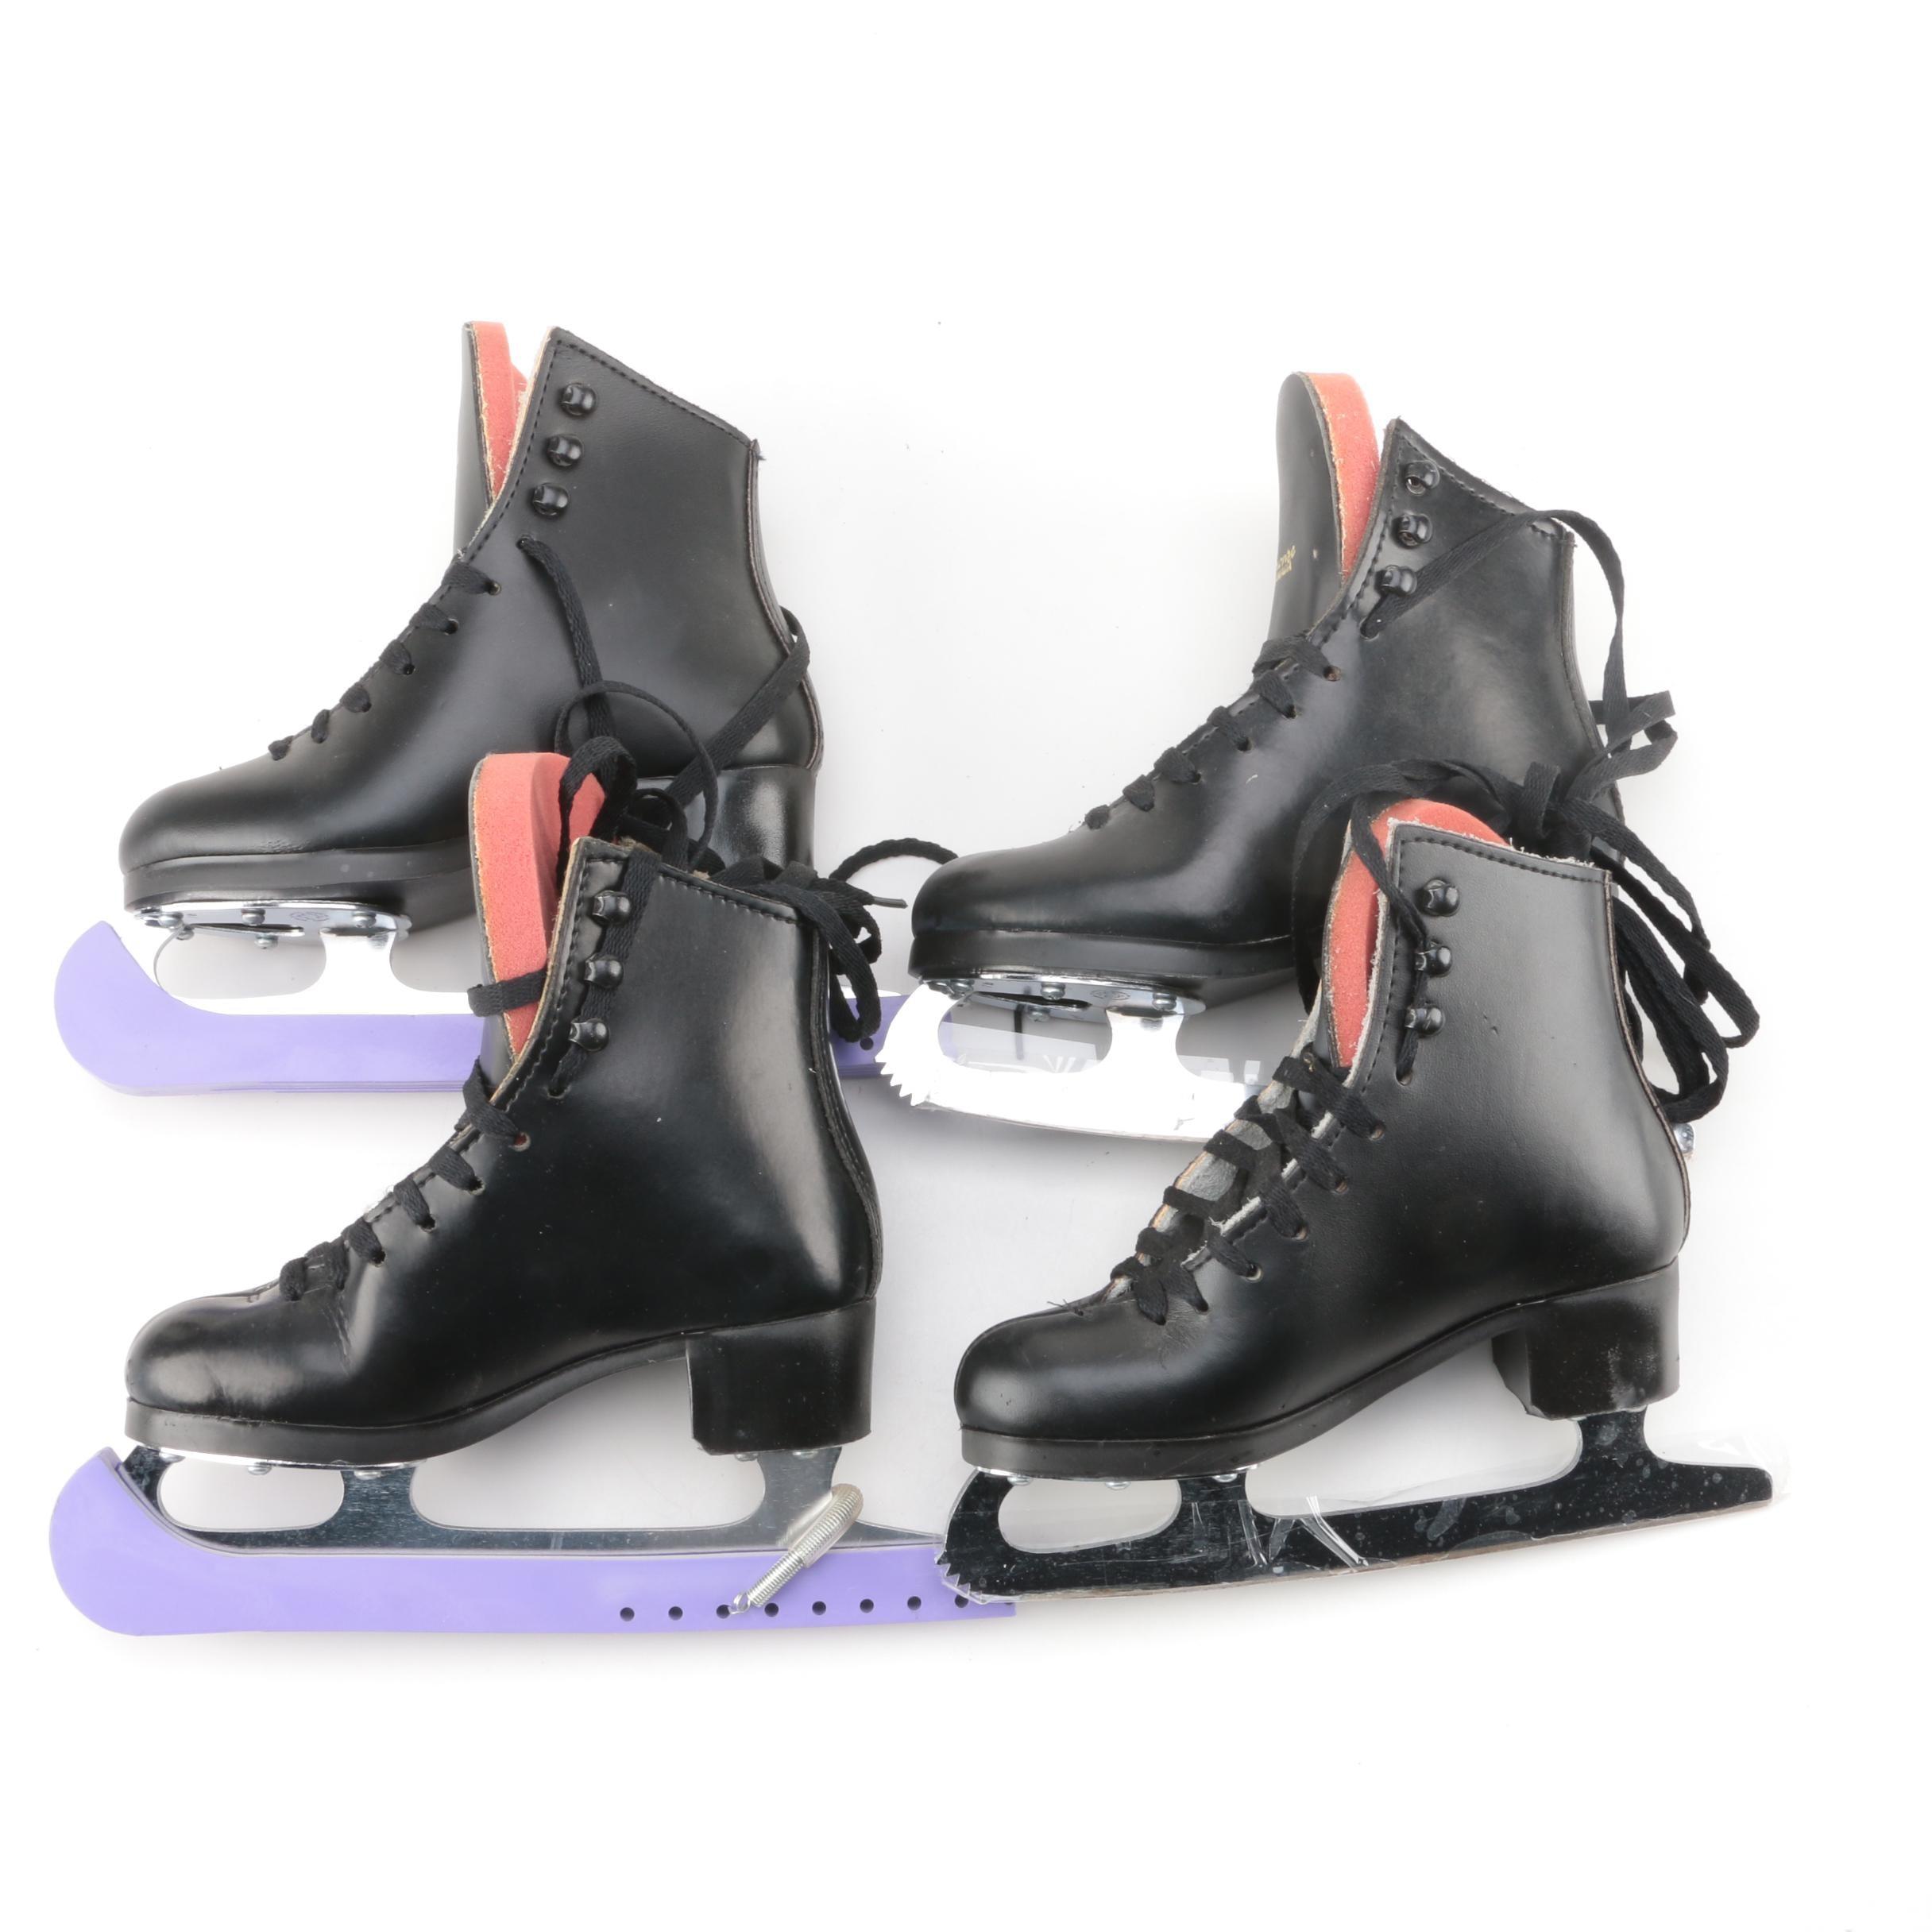 Sonjia Bronze Children's Figure Skates